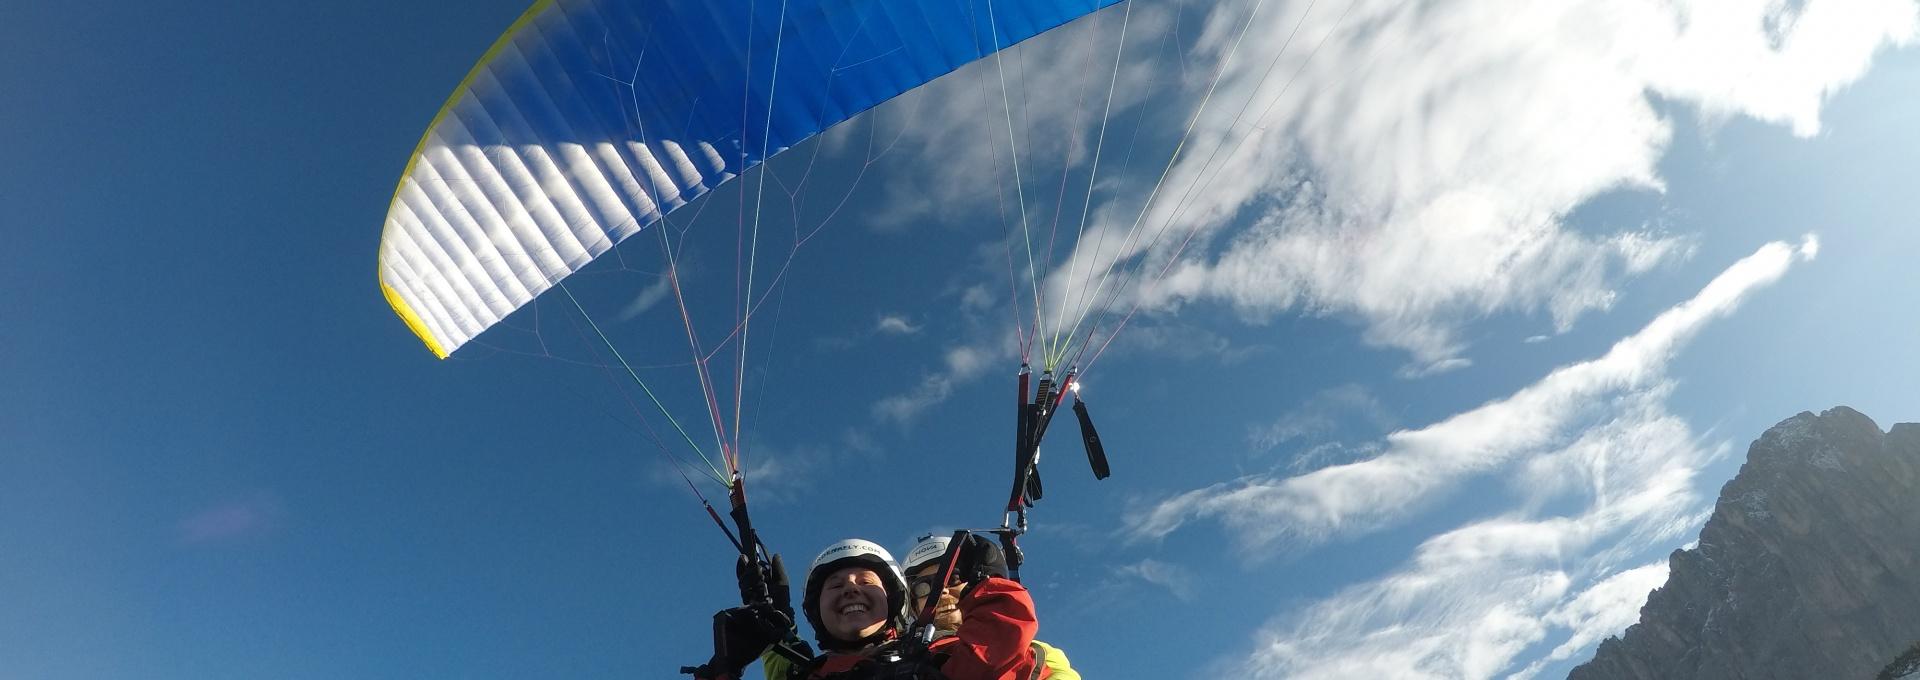 Paragliding over Selva Val Gardena